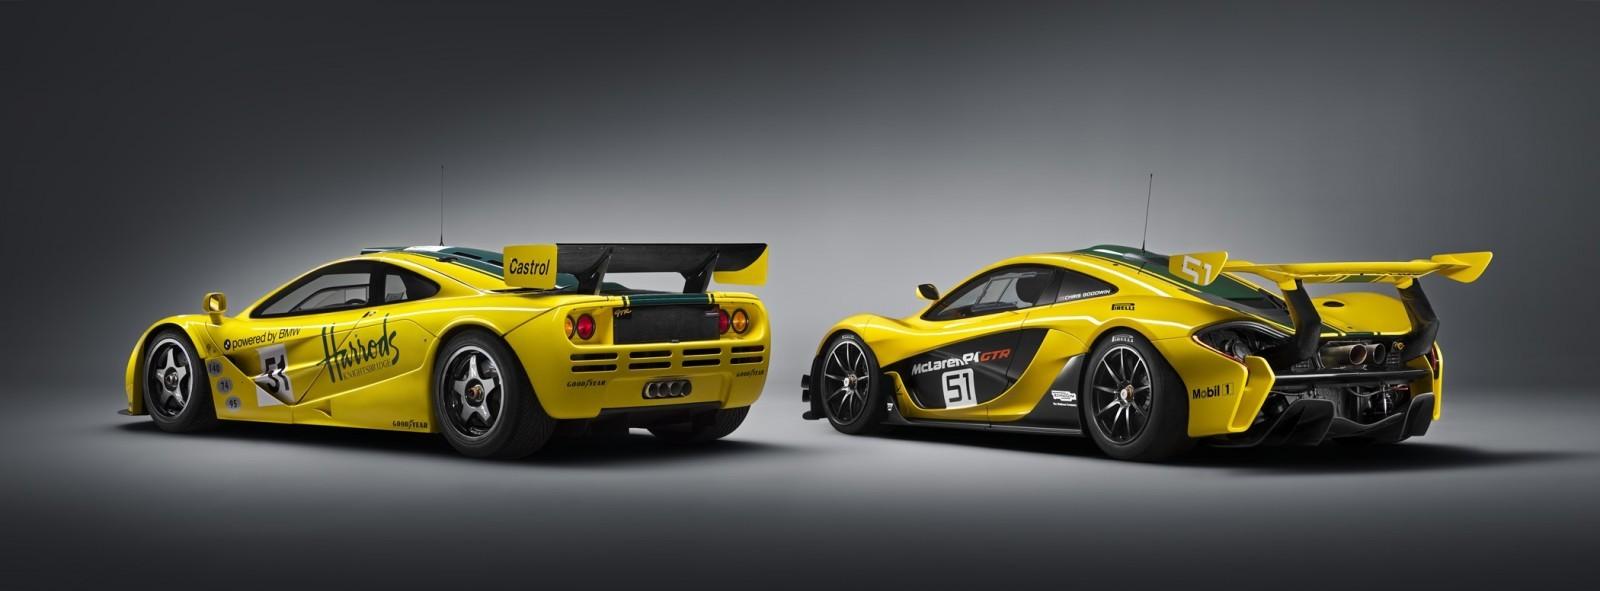 2016 McLaren P1 GTR Yellow 14